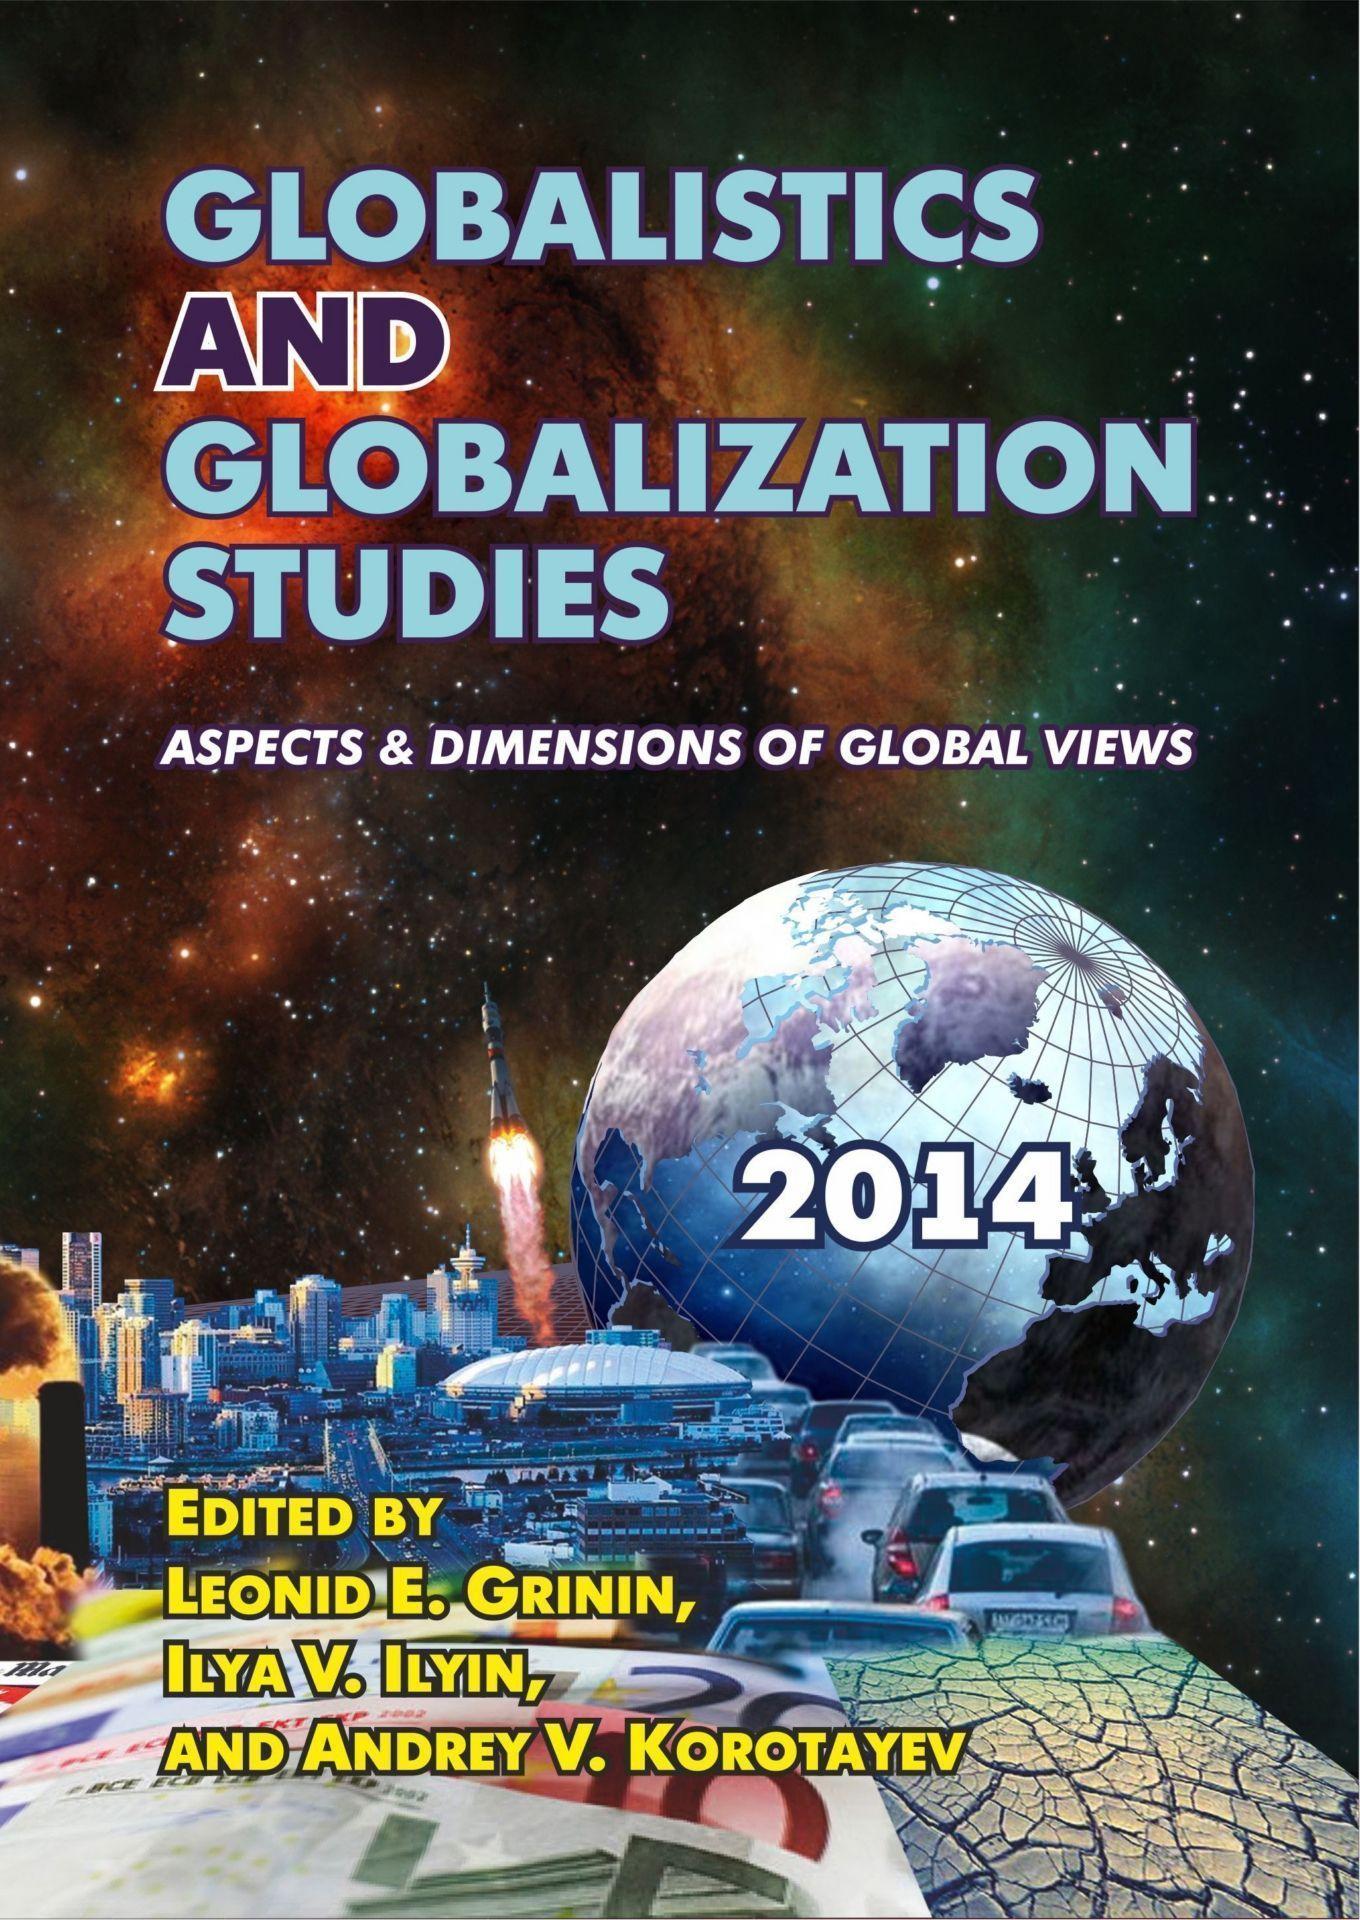 Globalistics and Globalization Studies: Aspects &amp; Dimensions of Global ViewsВУЗ<br>На сегодняшний день процессы глобализации приобрели всеобъемлющий характер. В то же время, несмотря на рост числа публикаций на тему глобализации, ее понимание и наши знания о ней все еще оставляют желать лучшего. Особенно это касается глобальных процессо...<br><br>Авторы: Гринин Л. Е., Ильин И.В., Коротаев А. В.<br>Год: 2014<br>Серия: Для студентов и преподавателей<br>ISBN: 978-5-7057-4028-4<br>Высота: 235<br>Ширина: 163<br>Толщина: 16<br>Переплёт: мягкая, склейка